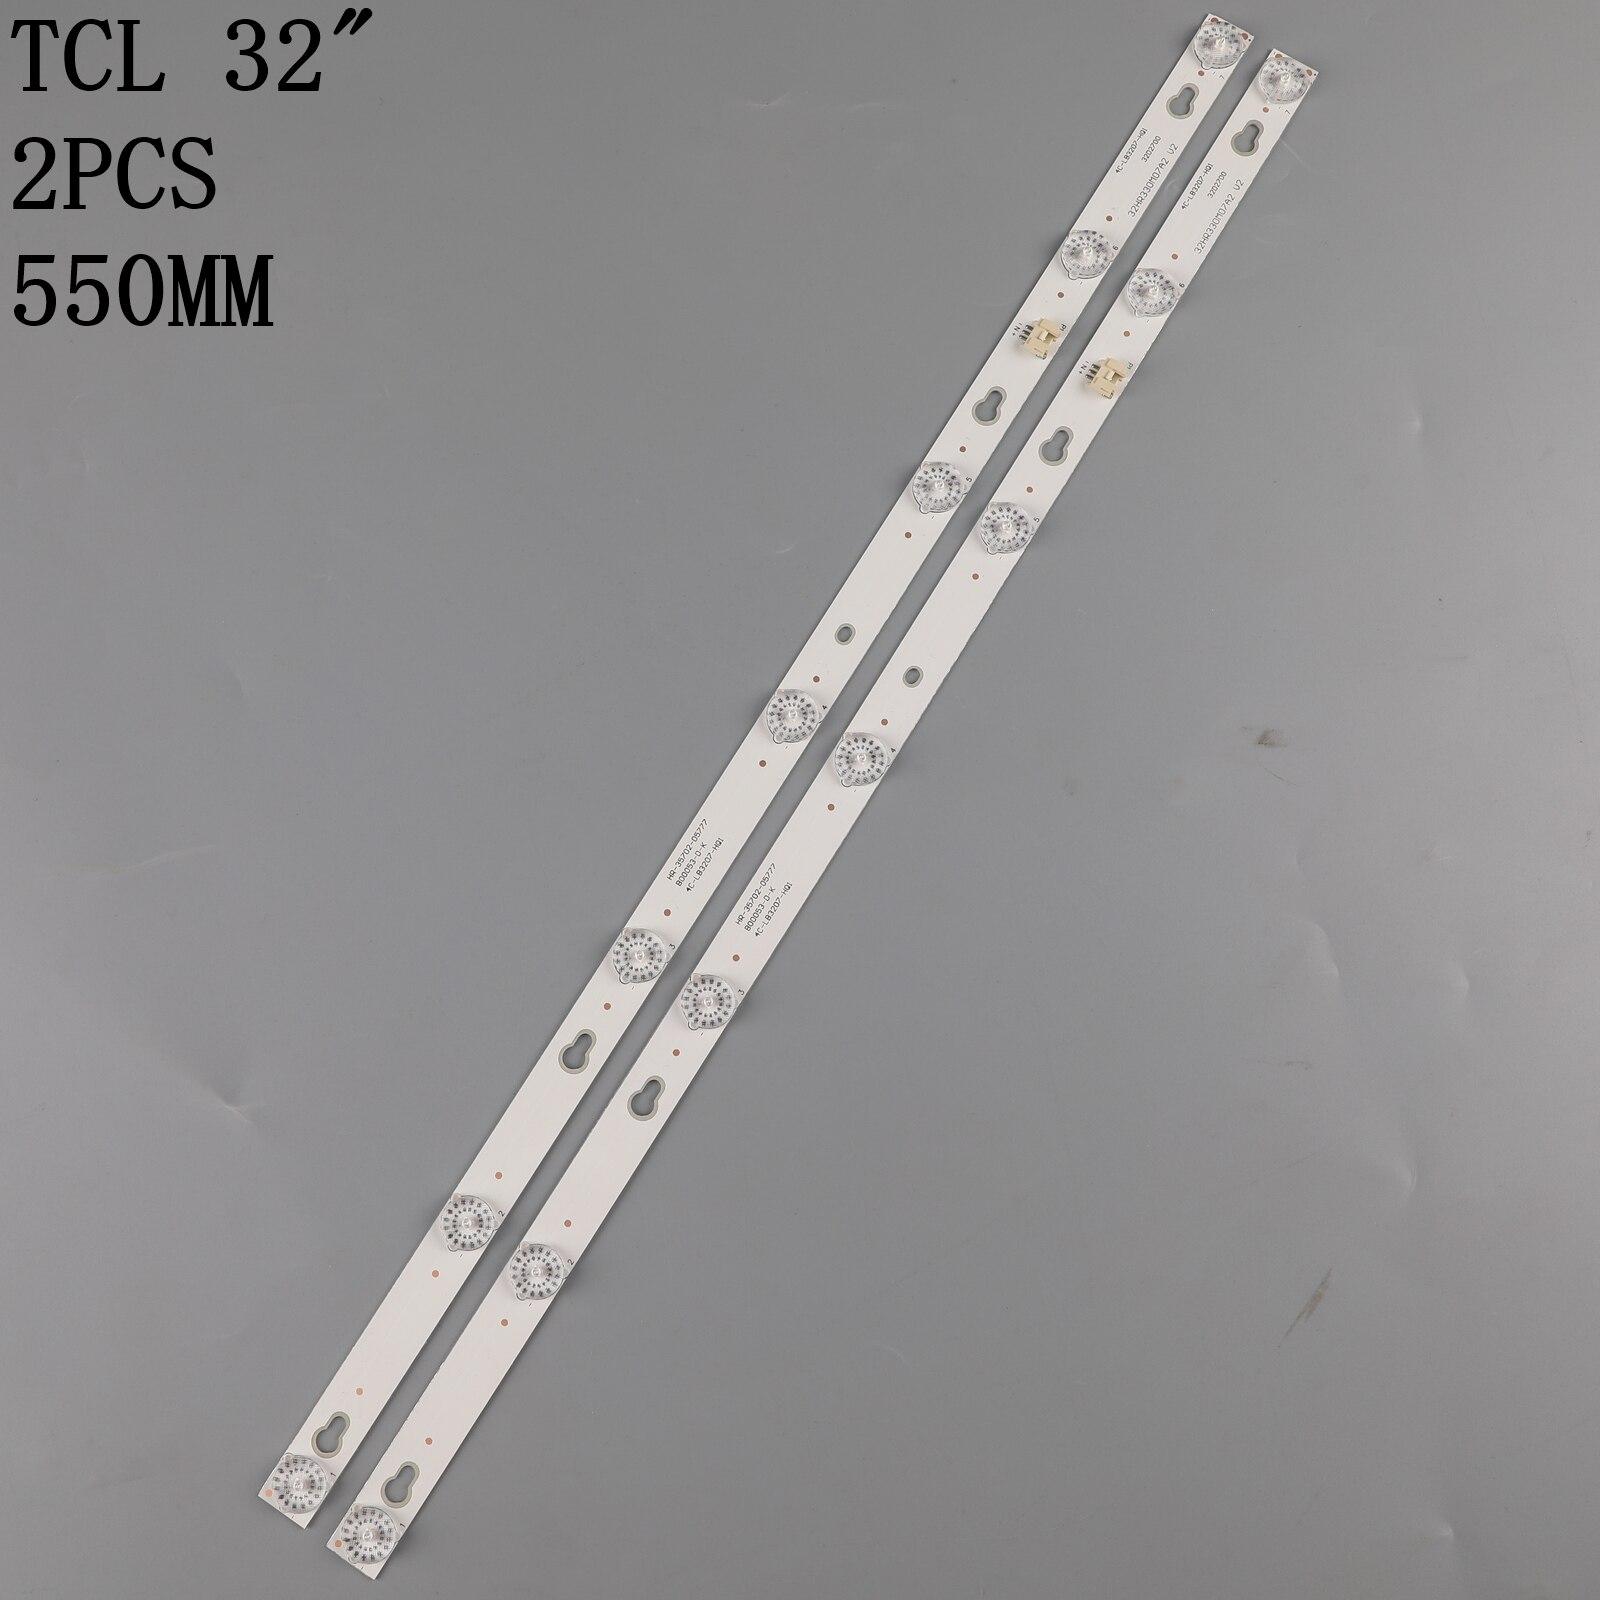 55 см полоска для TCL 4C LB3207 HQ1 32HR330M07A2 32S3750 32D2700 L32F3301B L32F3303B L32E181 L32F1680B TOT 32D2700 2X7 3030 7S1P Запчасти для фотовспышек      АлиЭкспресс